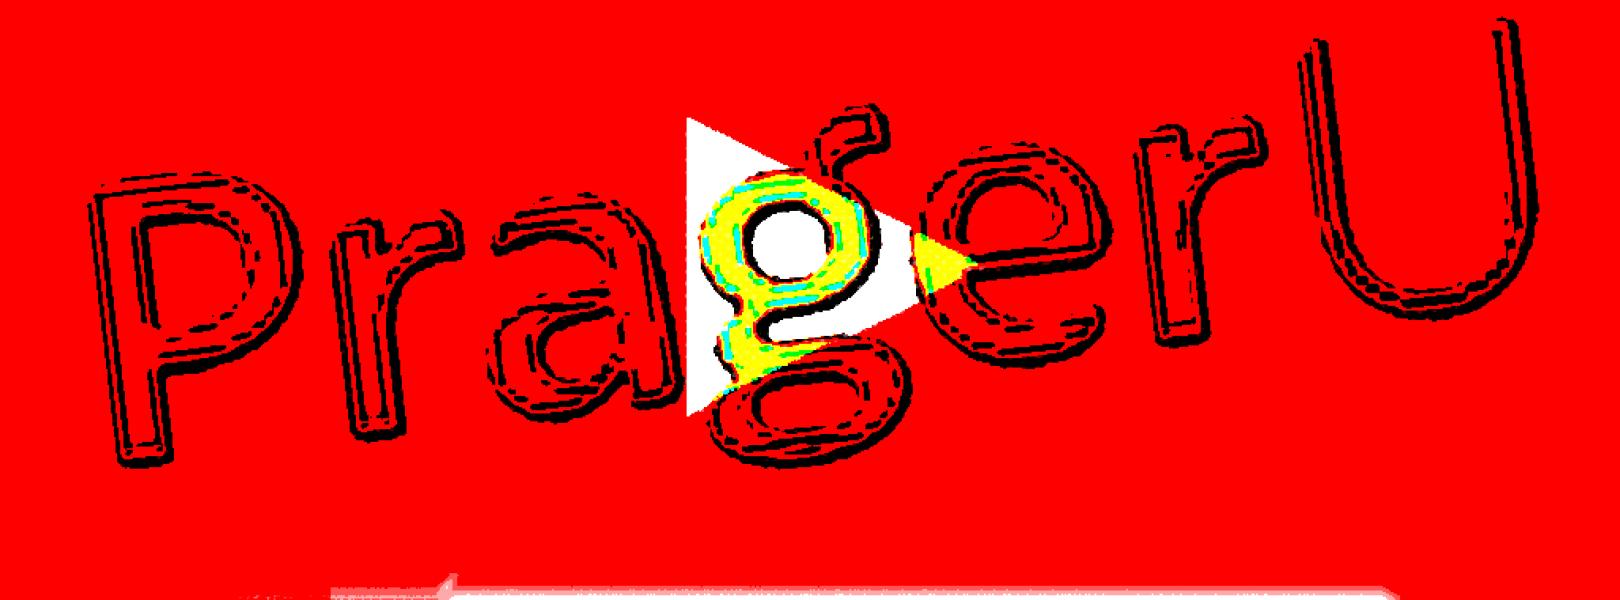 PragerU YouTube